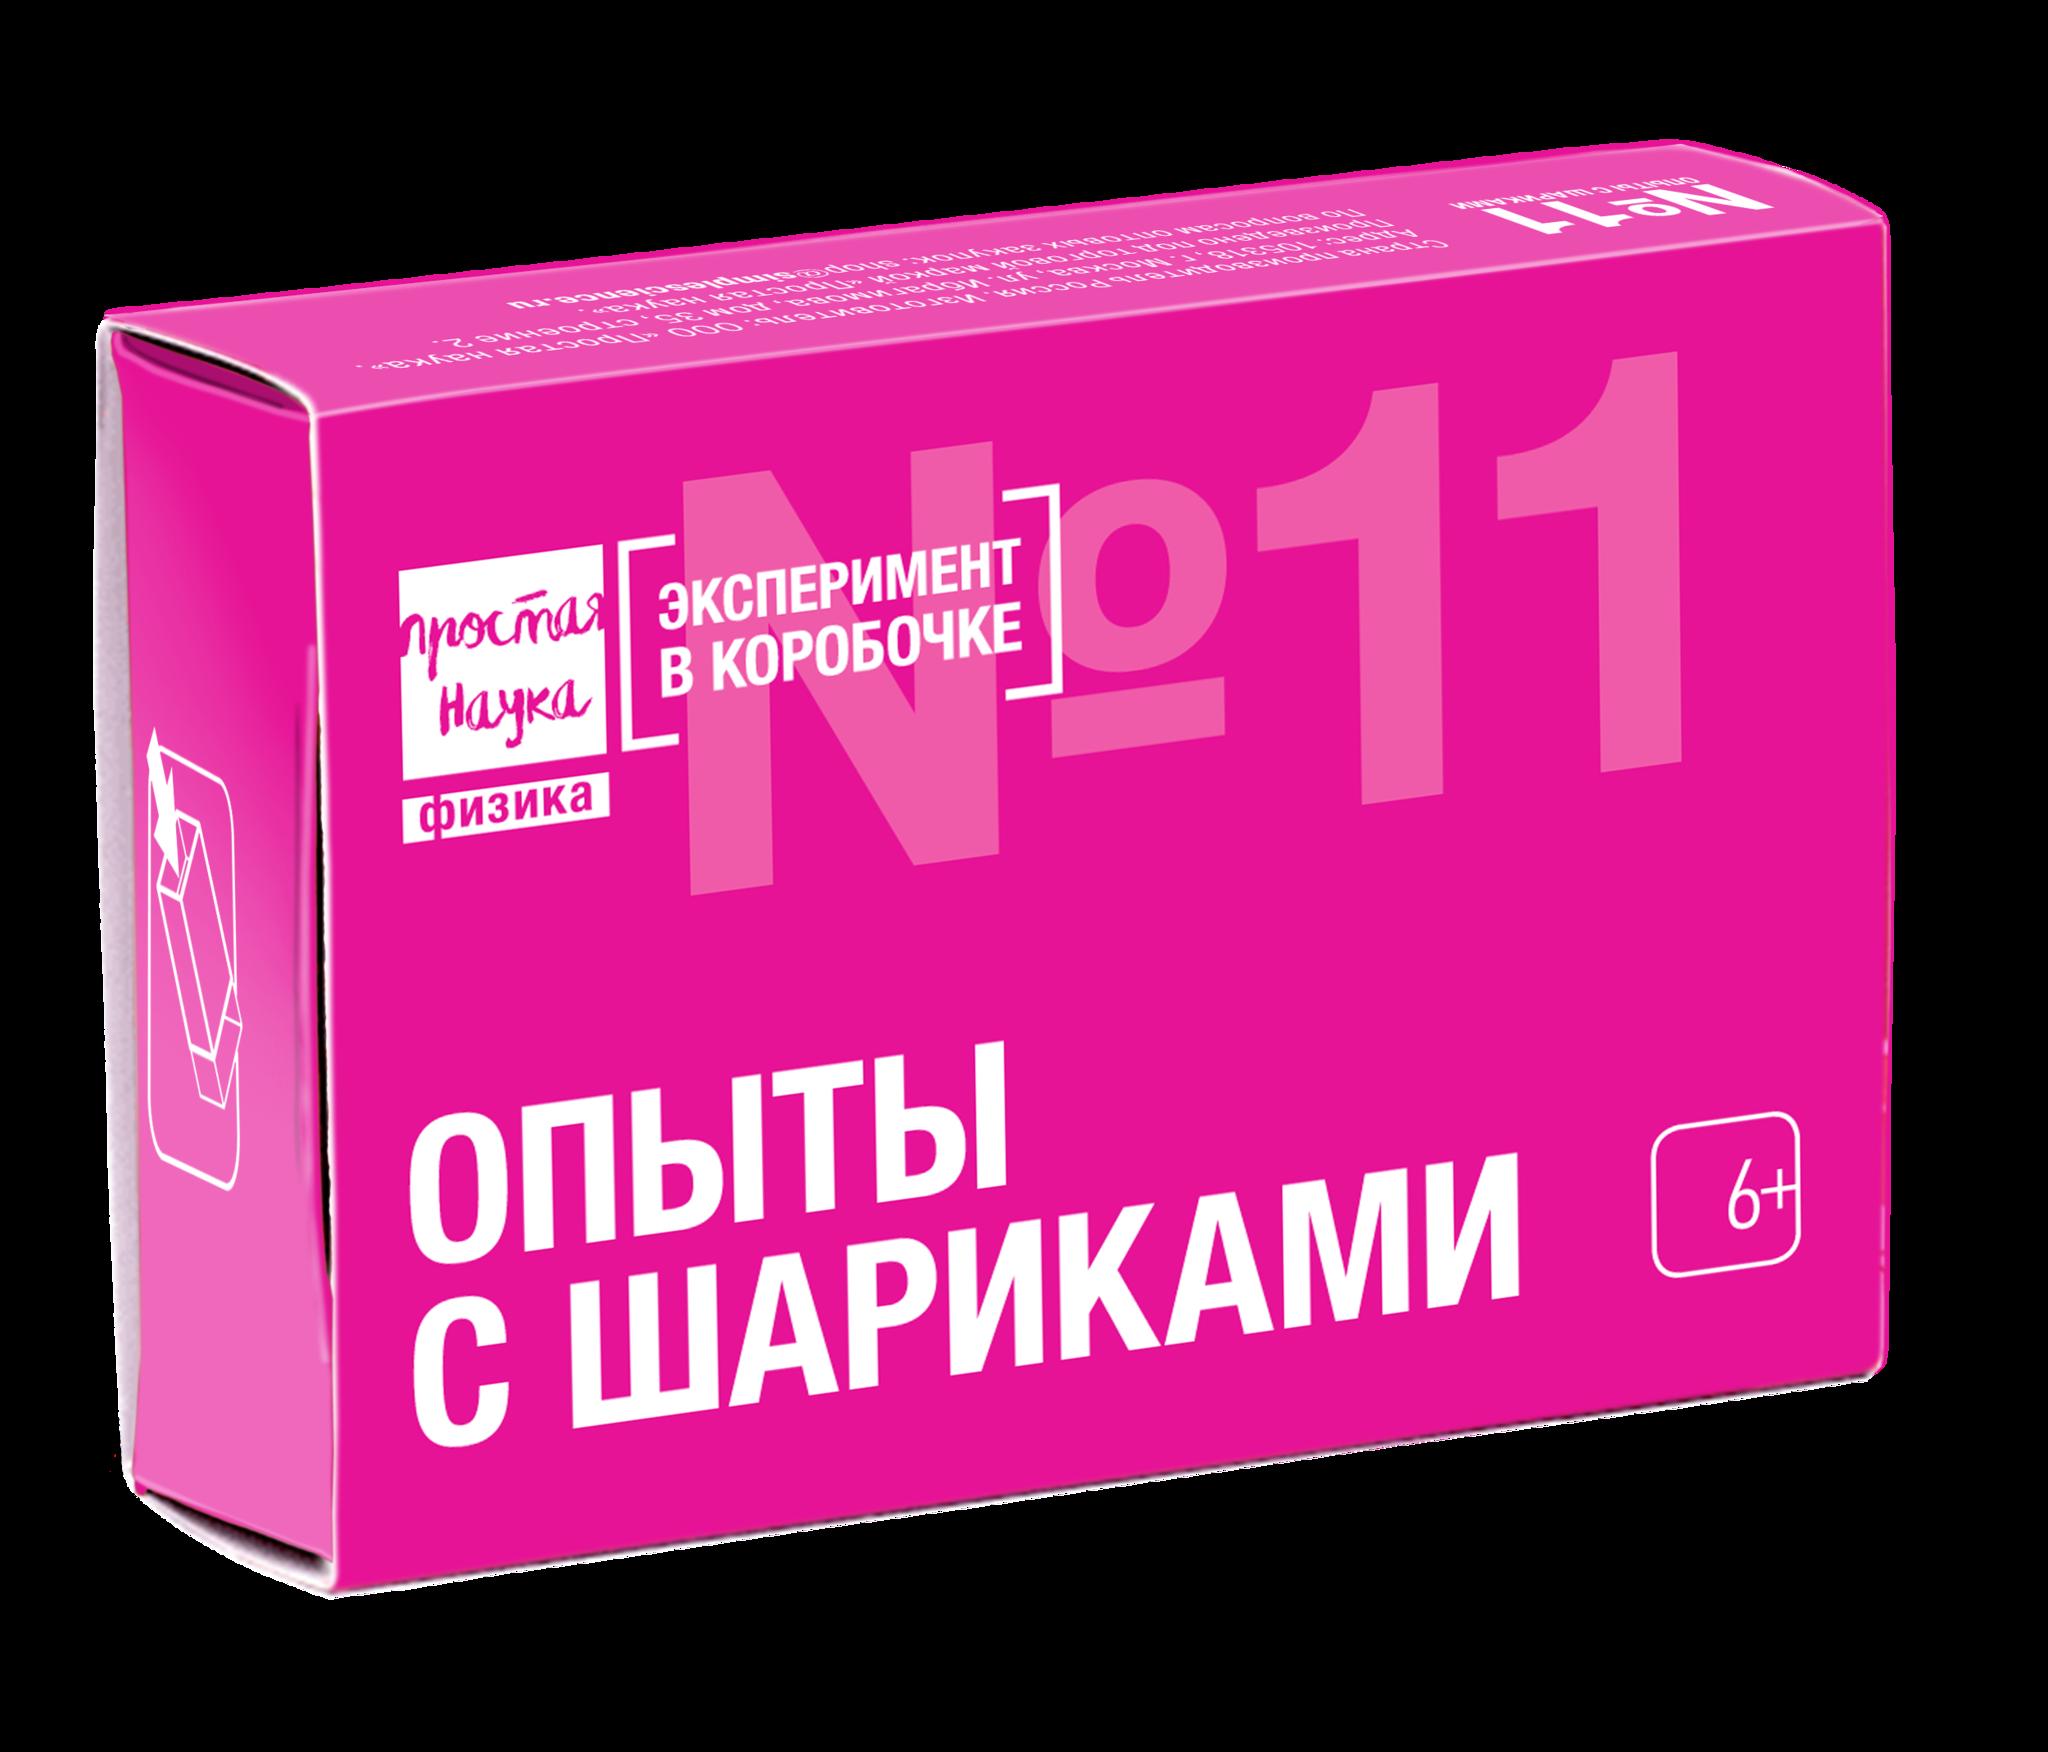 Набор №11 - Опыты с шариками - Эксперимент в коробочке - Простая Наука